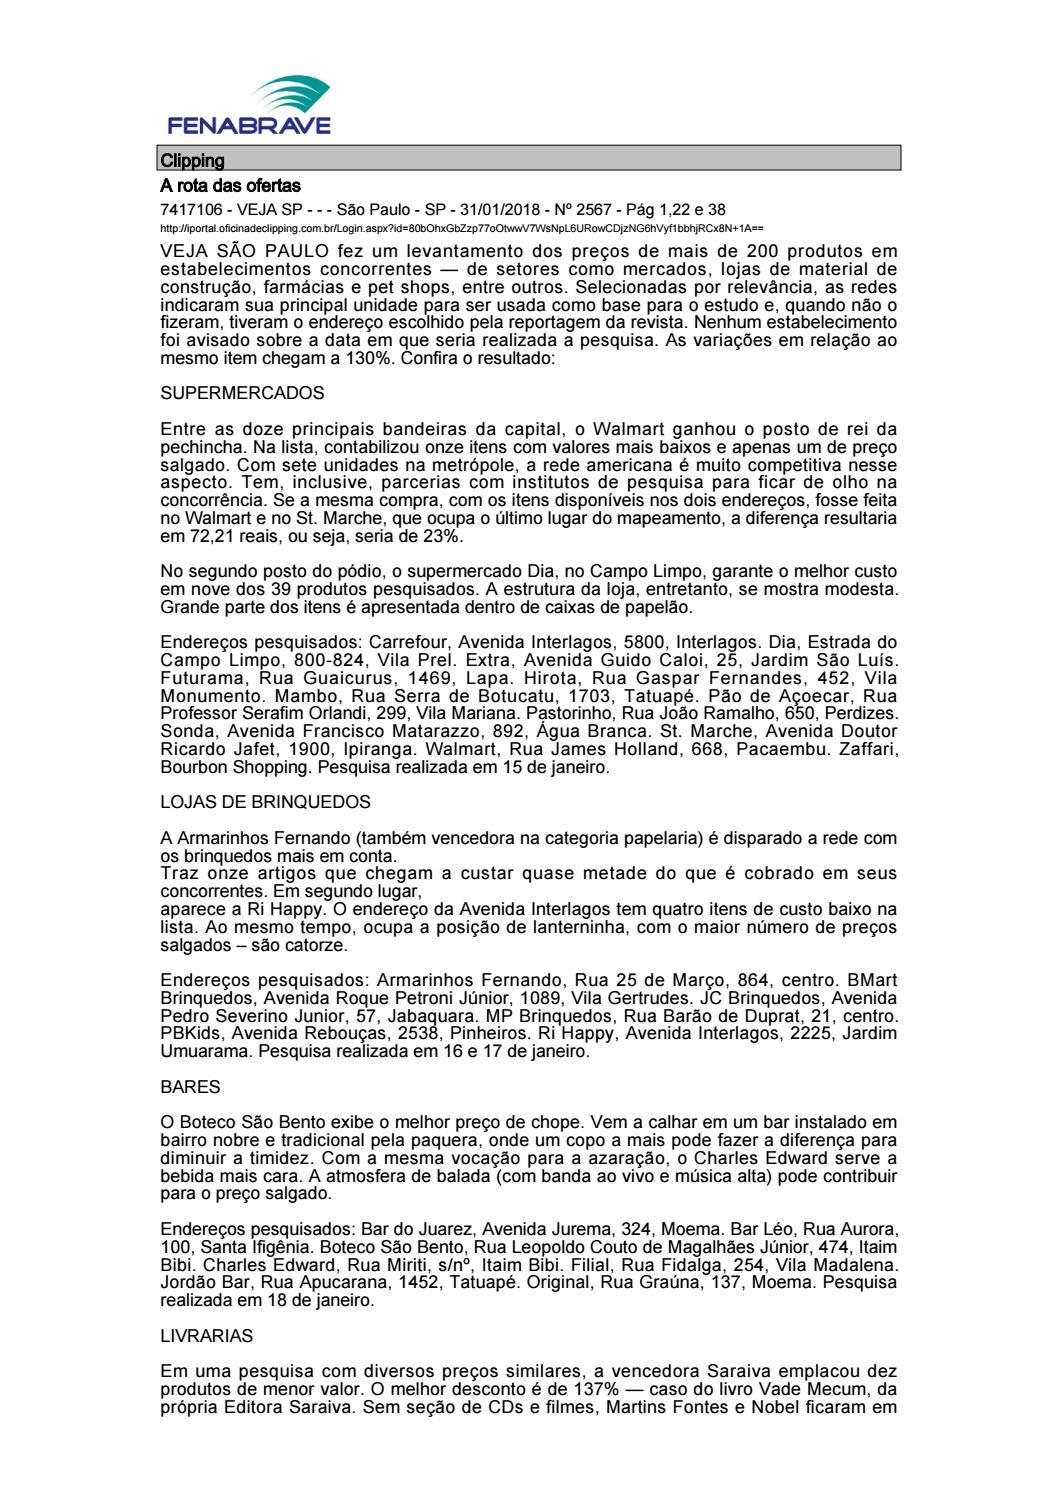 3bd799fc5 Clipping Fenabrave 26.01.2018 by MCE Comunicação - issuu